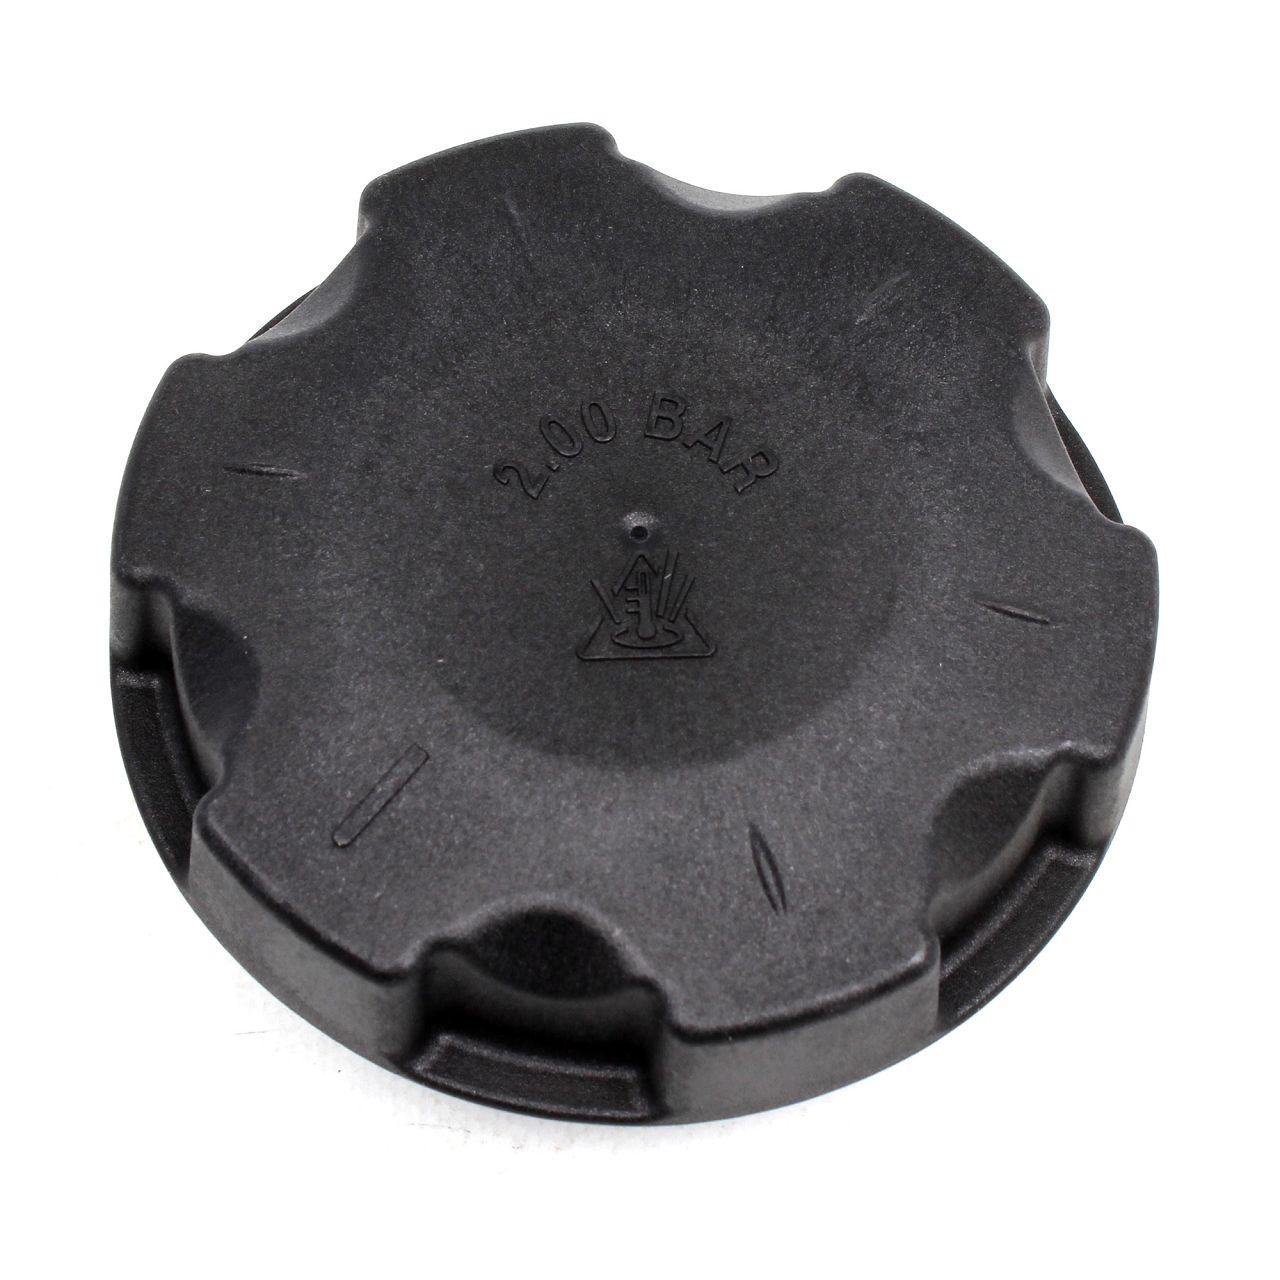 Verschlusskappe Deckel Kühlerverschlussdeckel für BMW 17117639021